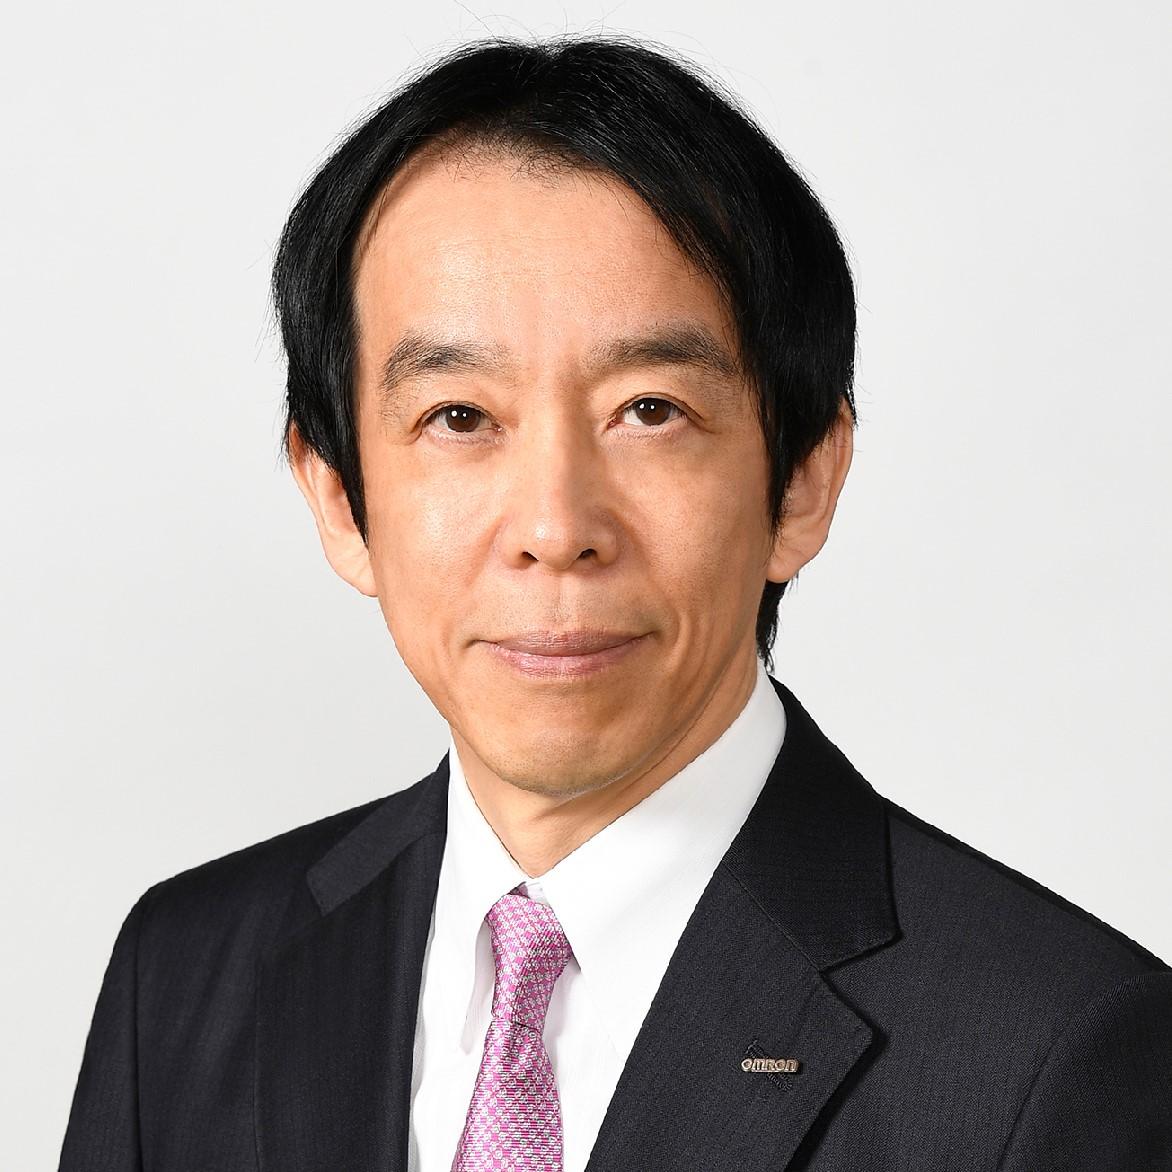 スピーカー紹介 | サステナブル・ブランド 国際会議2020横浜